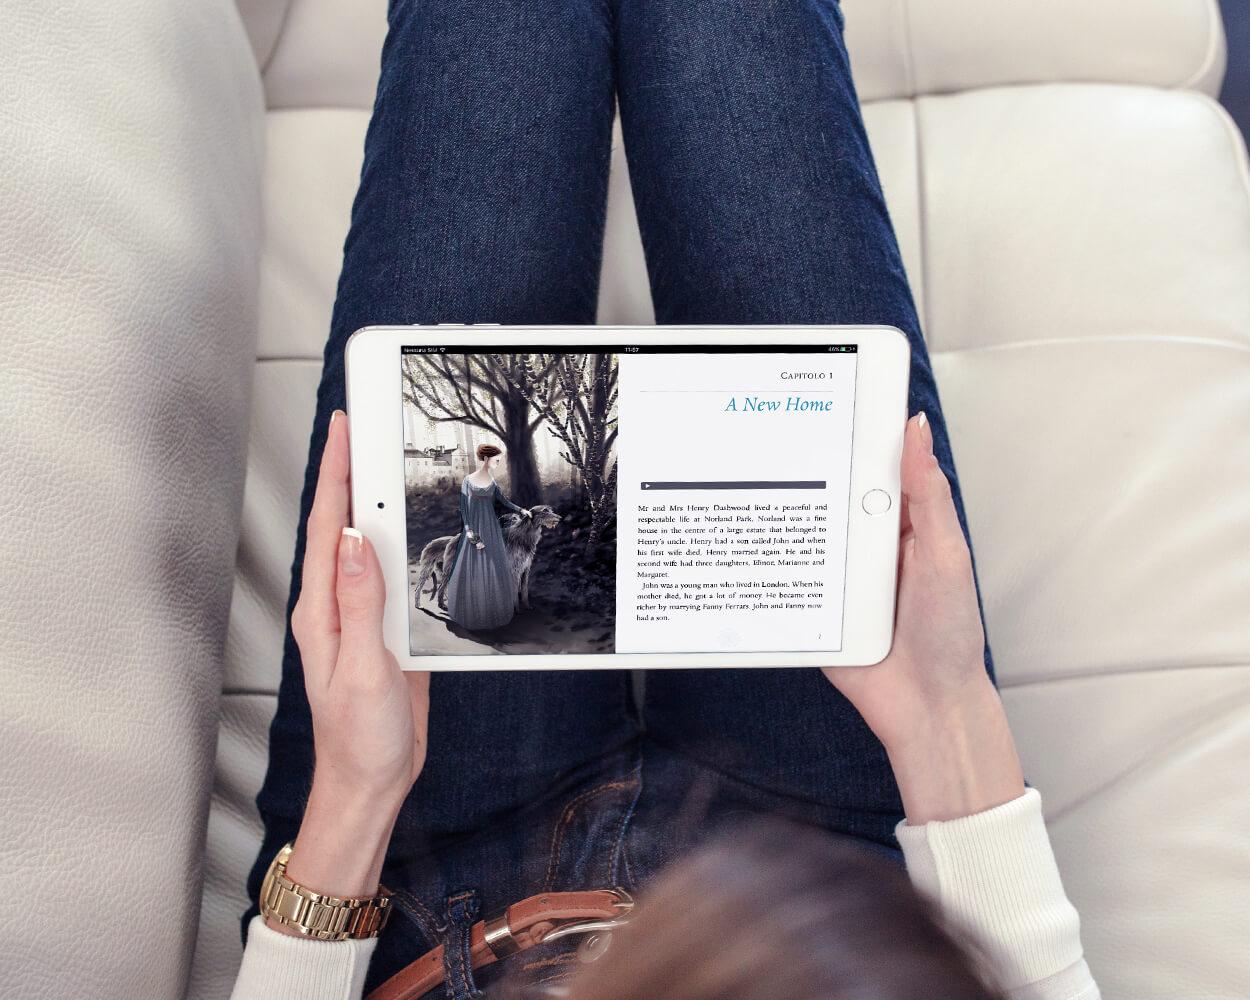 servizi per editori inspired libro digitale sense and sensibility cliente eli edizioni